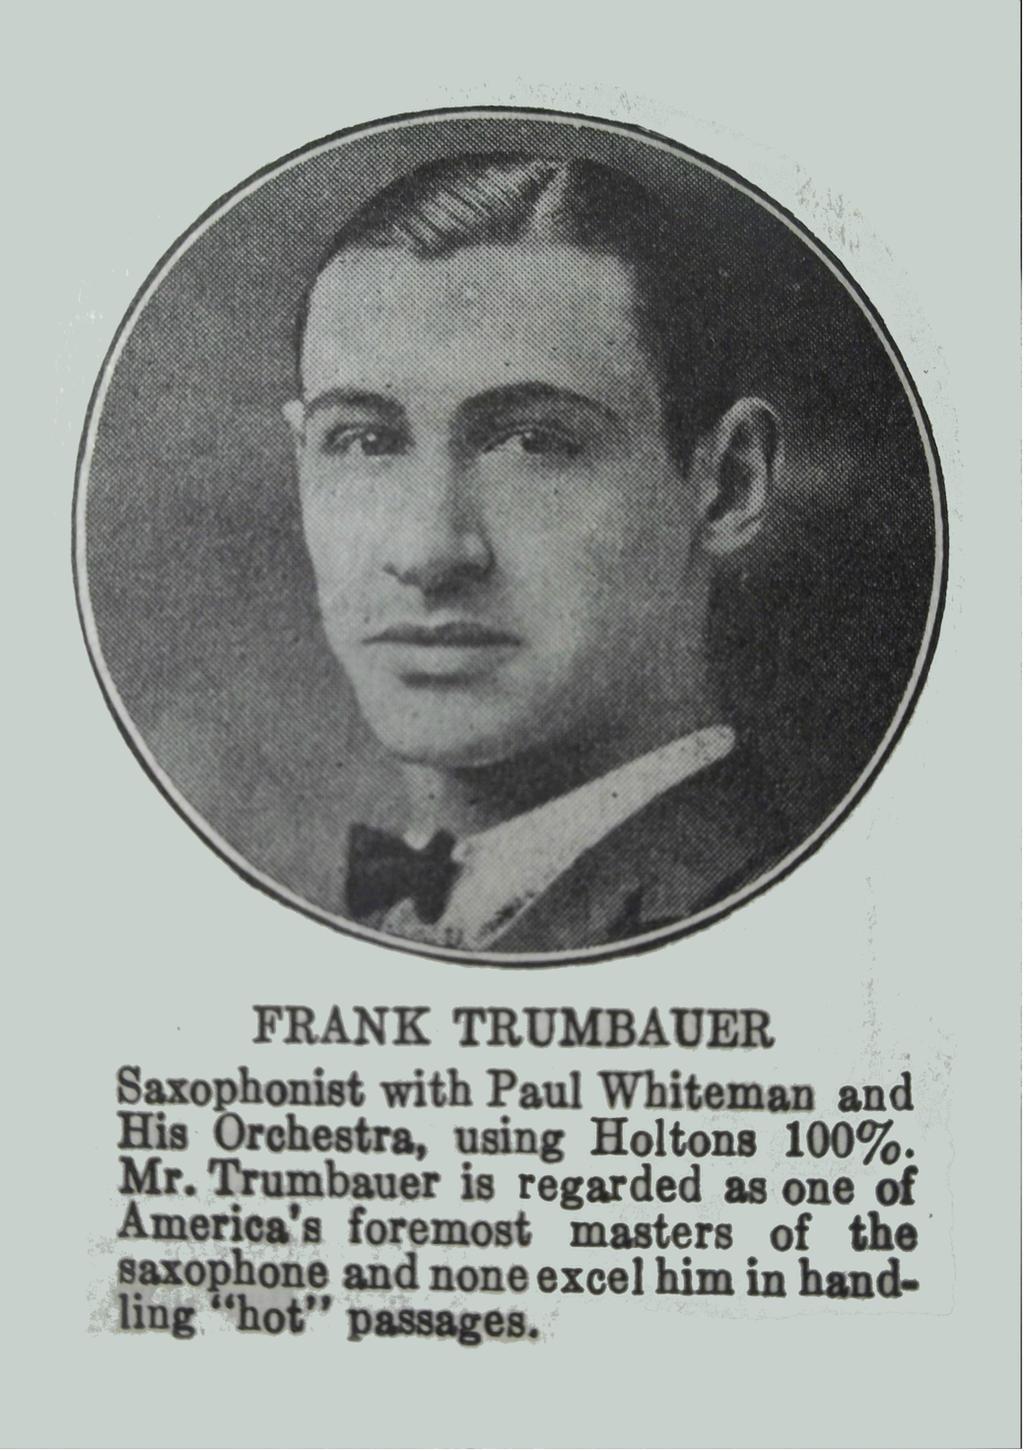 Frankie Trumbauer by PRR8157